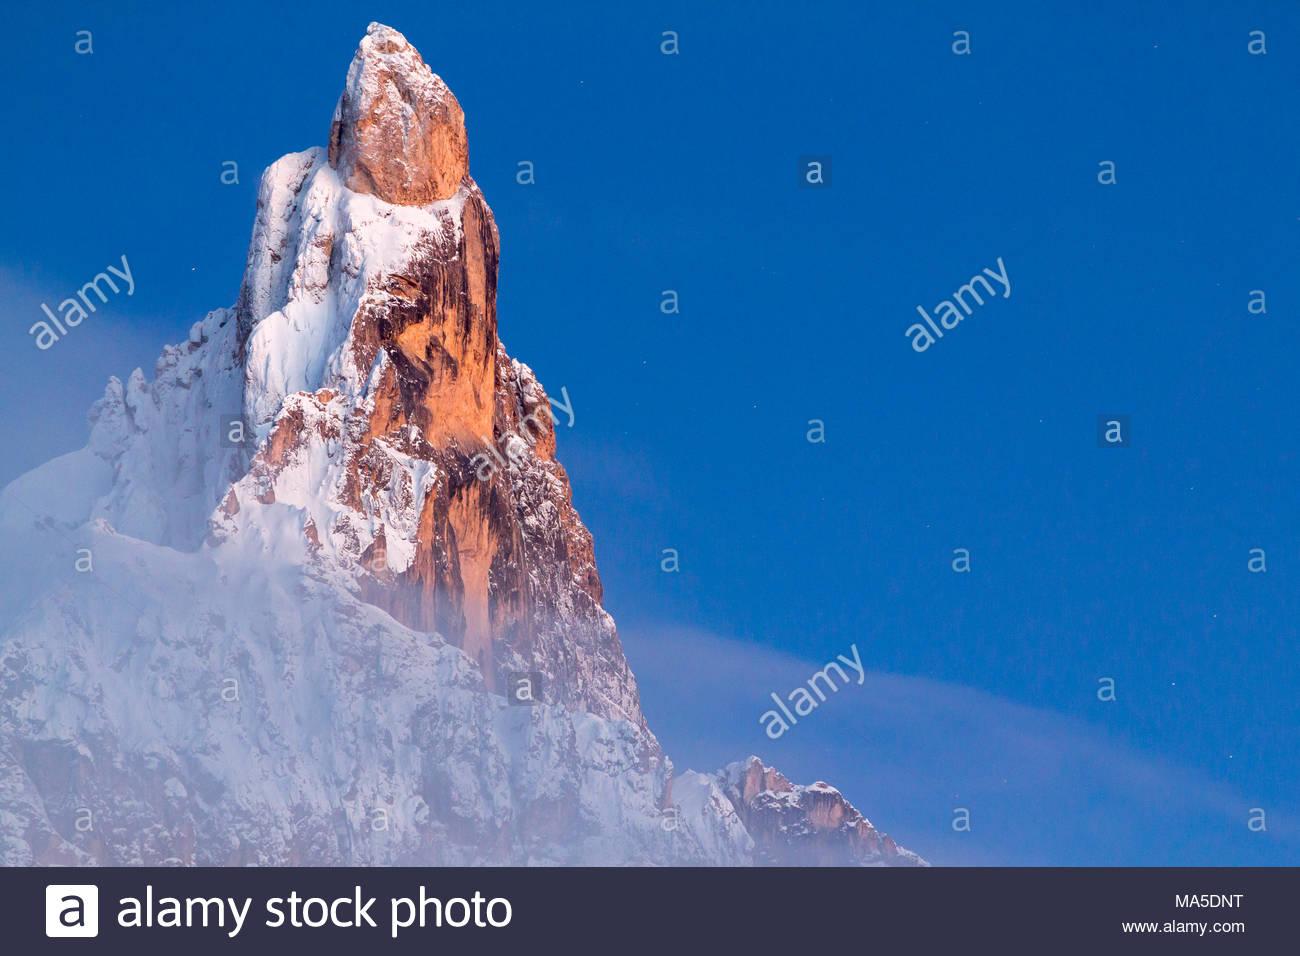 Cimon della Pala peak, mountain group Pale di San Martino, Passo Rolle, Trentino, Dolomites, Italy Stock Photo